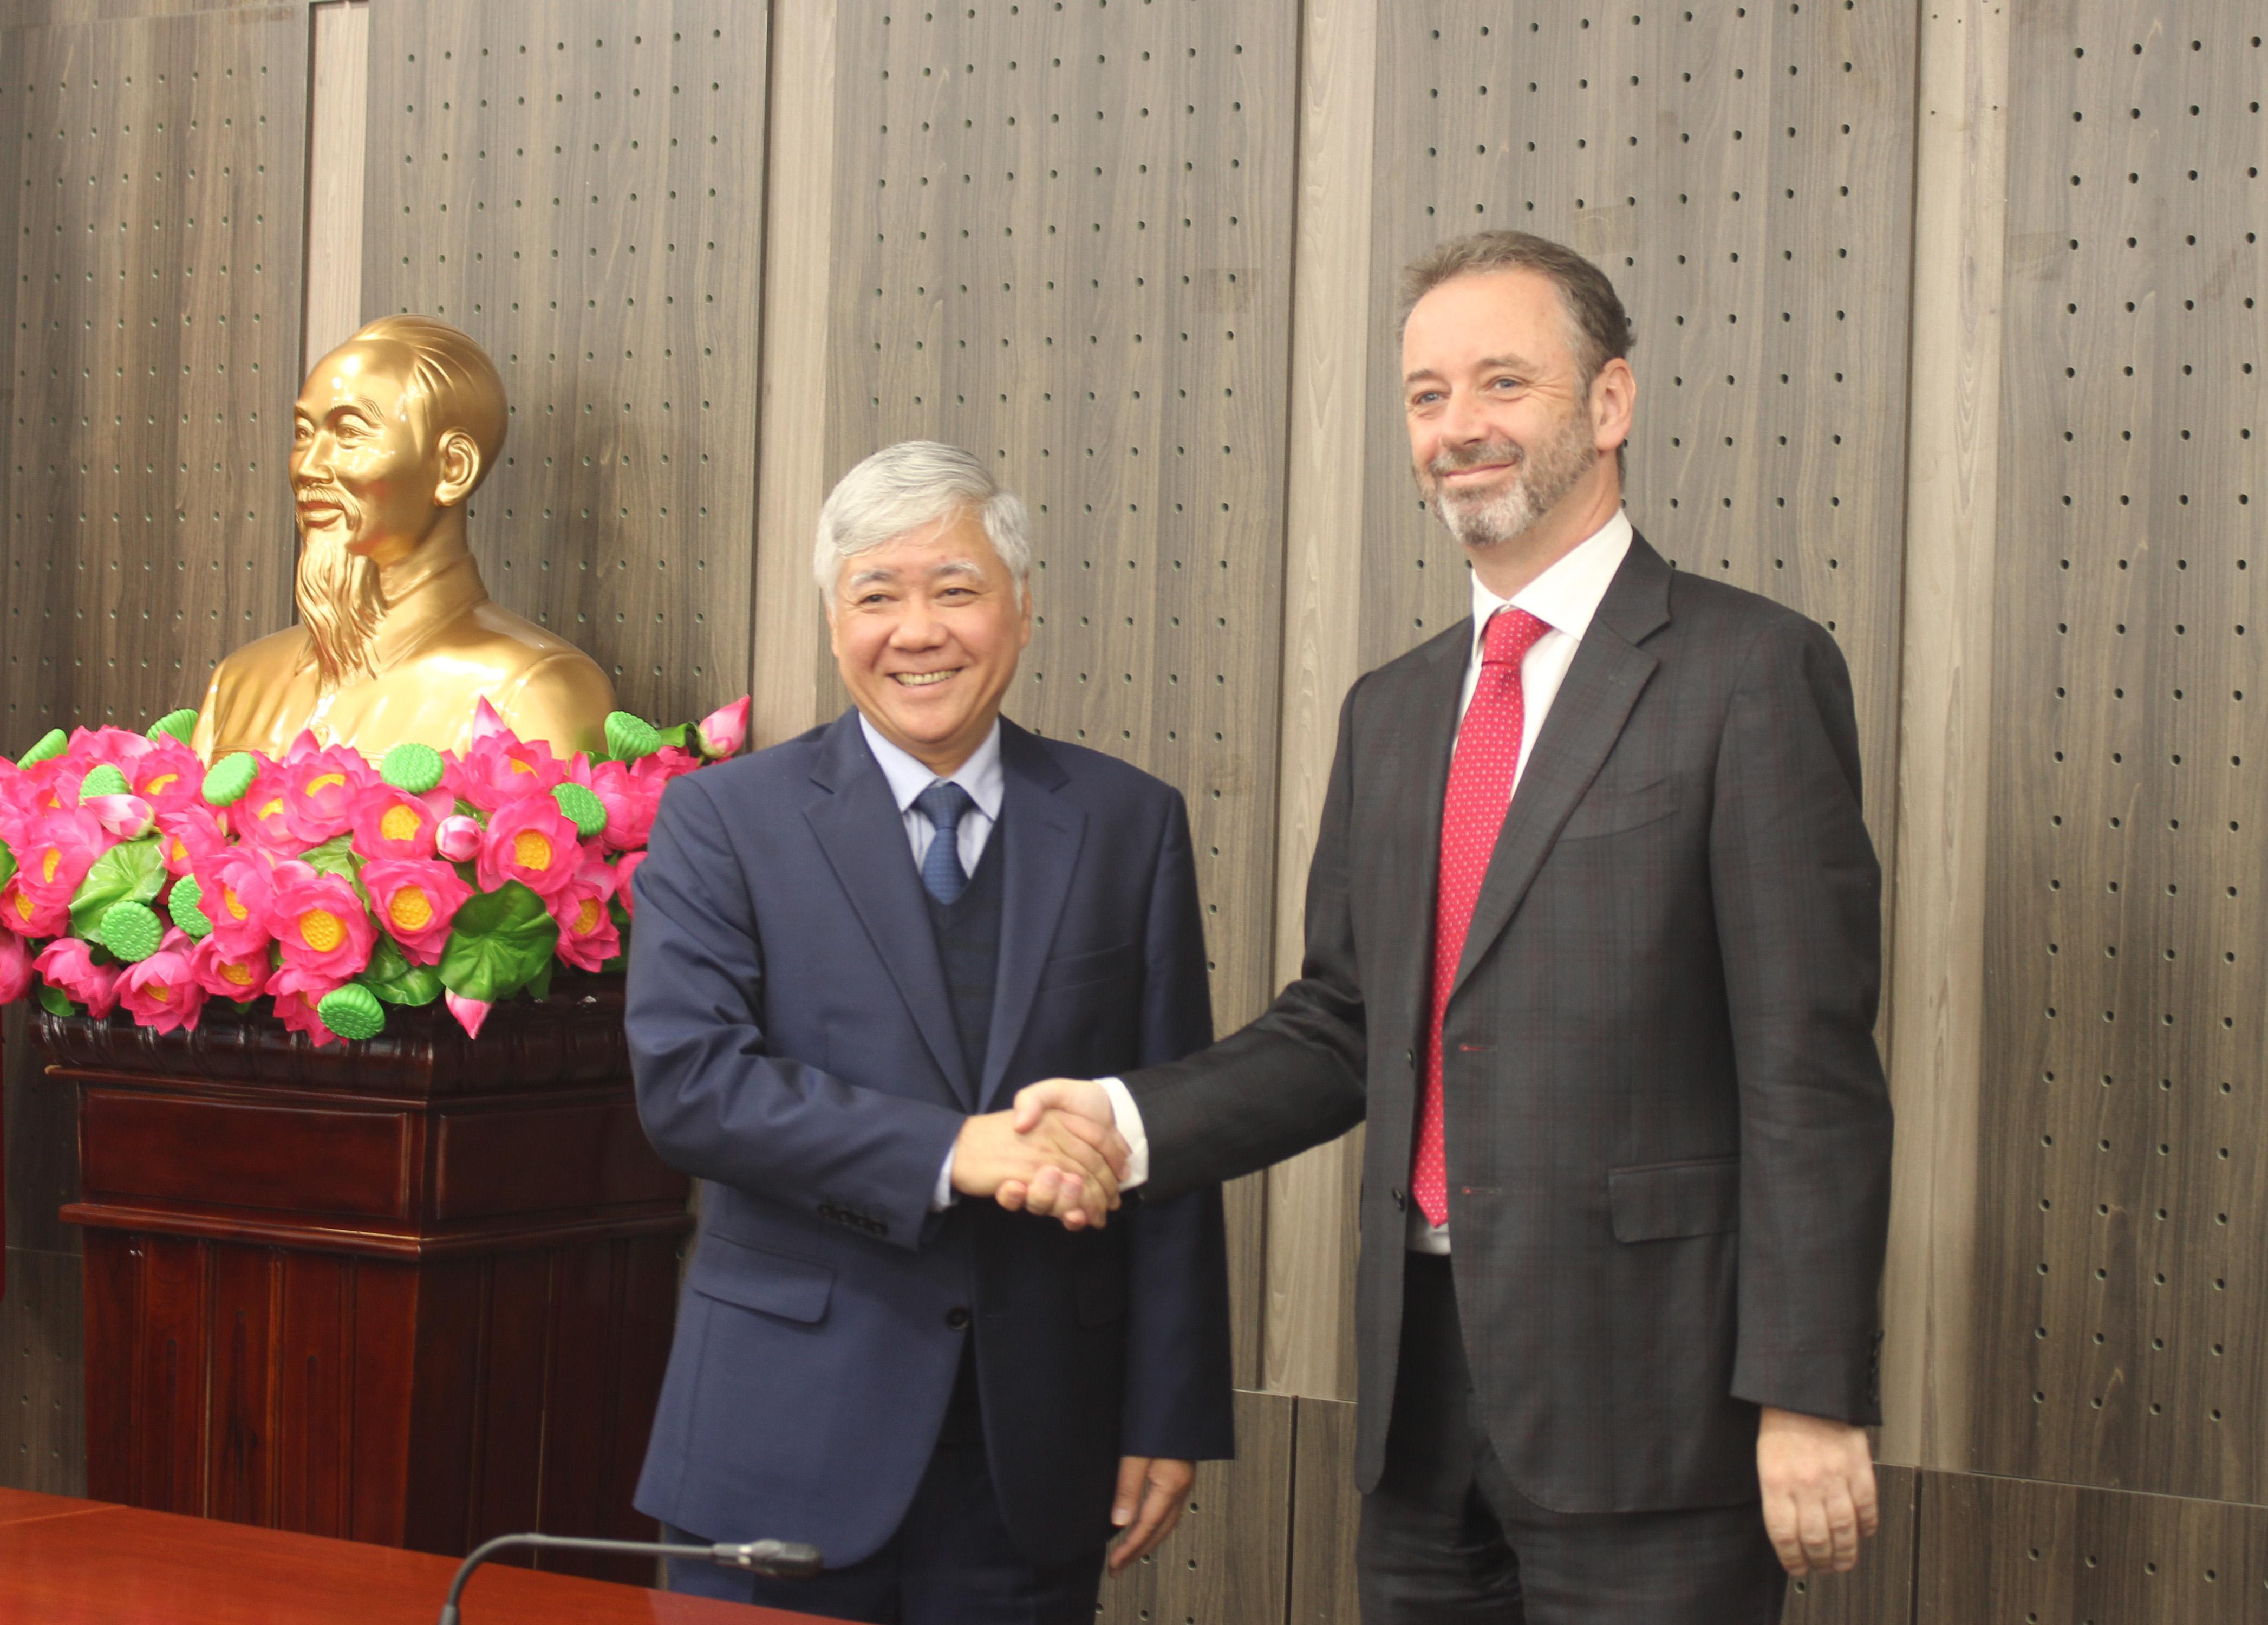 Bộ trưởng, Chủ nhiệm Đỗ Văn Chiến trân trọng cảm ơn và đánh giá cao sự quan tâm và những đóng góp quý báu của Chính phủ Ai Len, Đại sứ quán Ai Len tại Việt Nam đối với việc triển khai các chính sách dân tộc của Việt Nam.